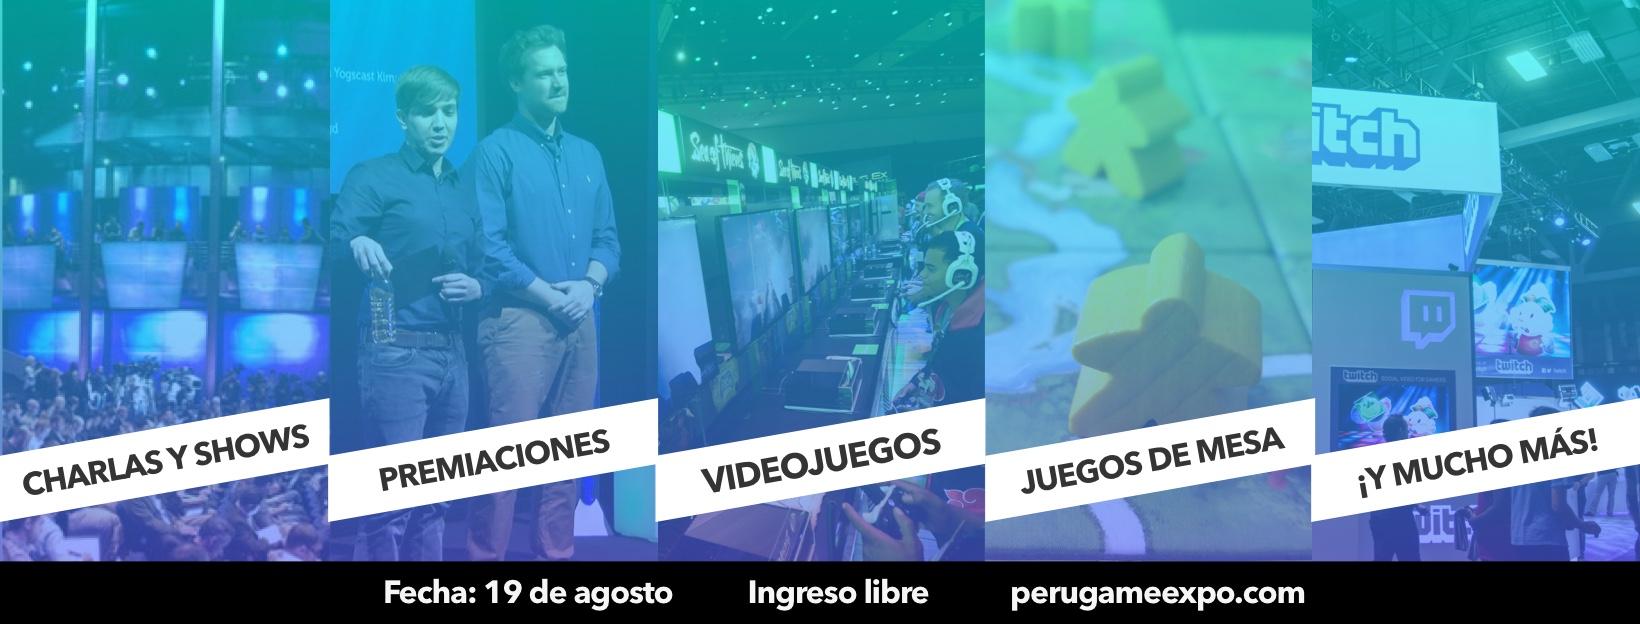 Peru Game expo